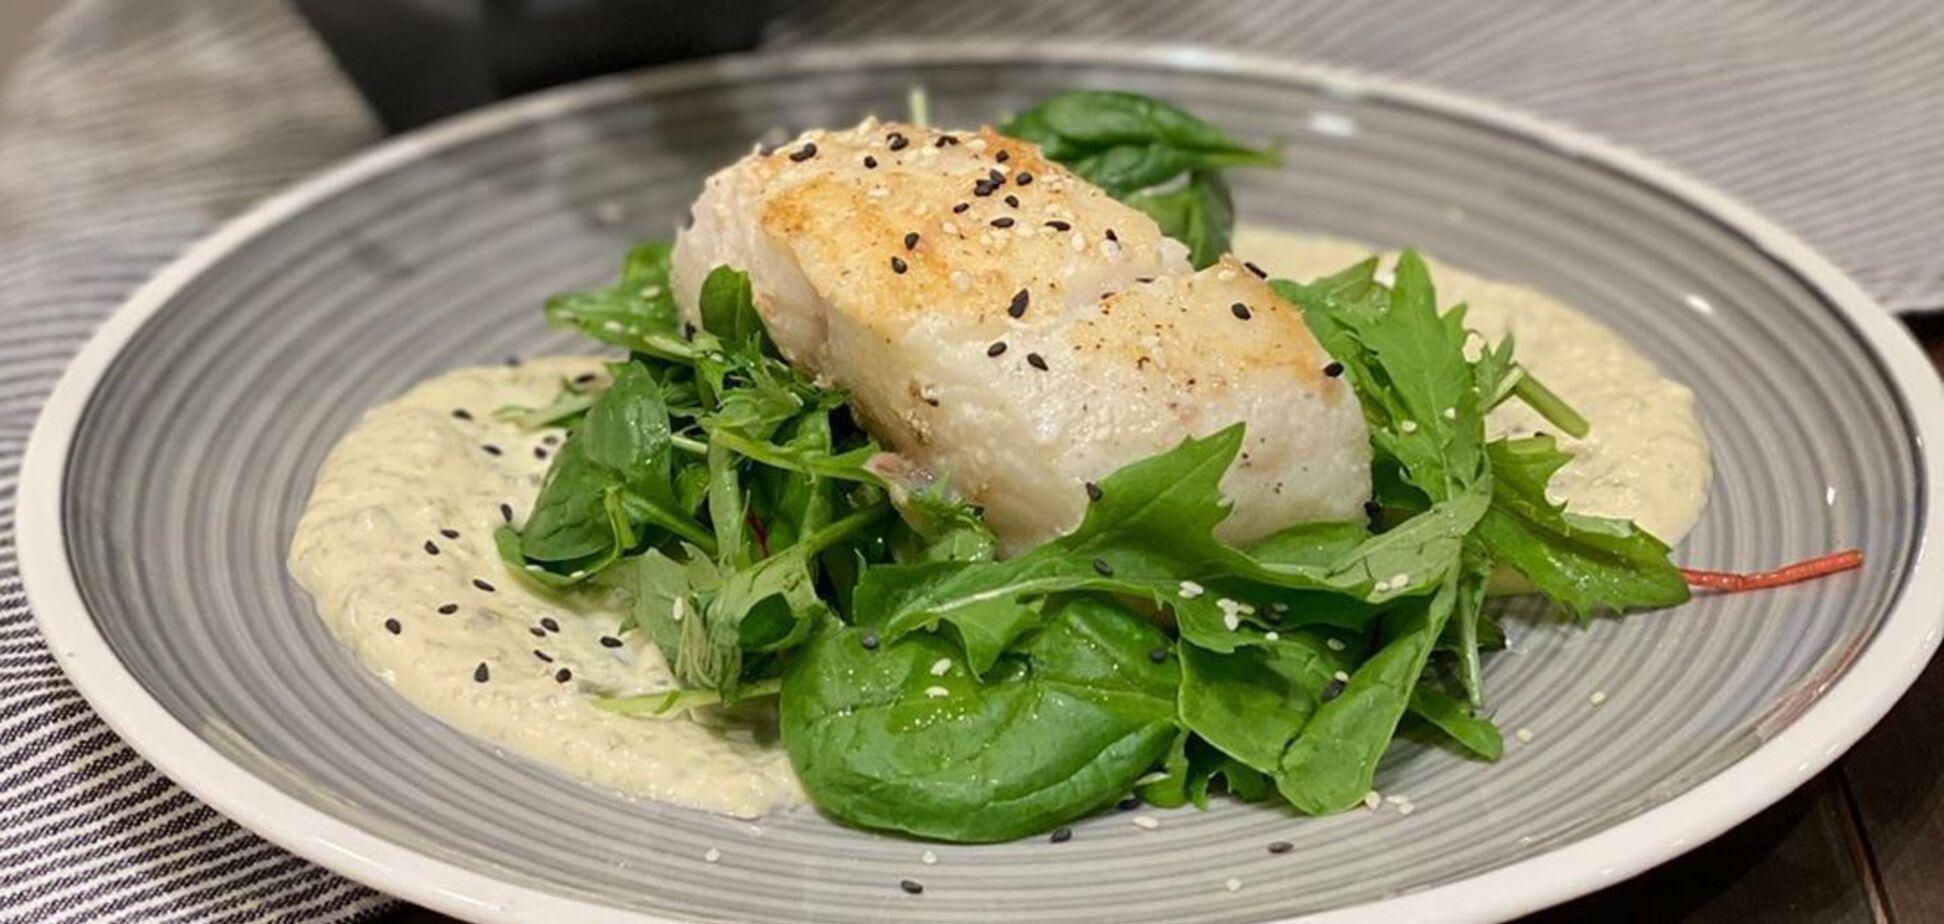 Риба з соусом тартар від популярного фудблогера